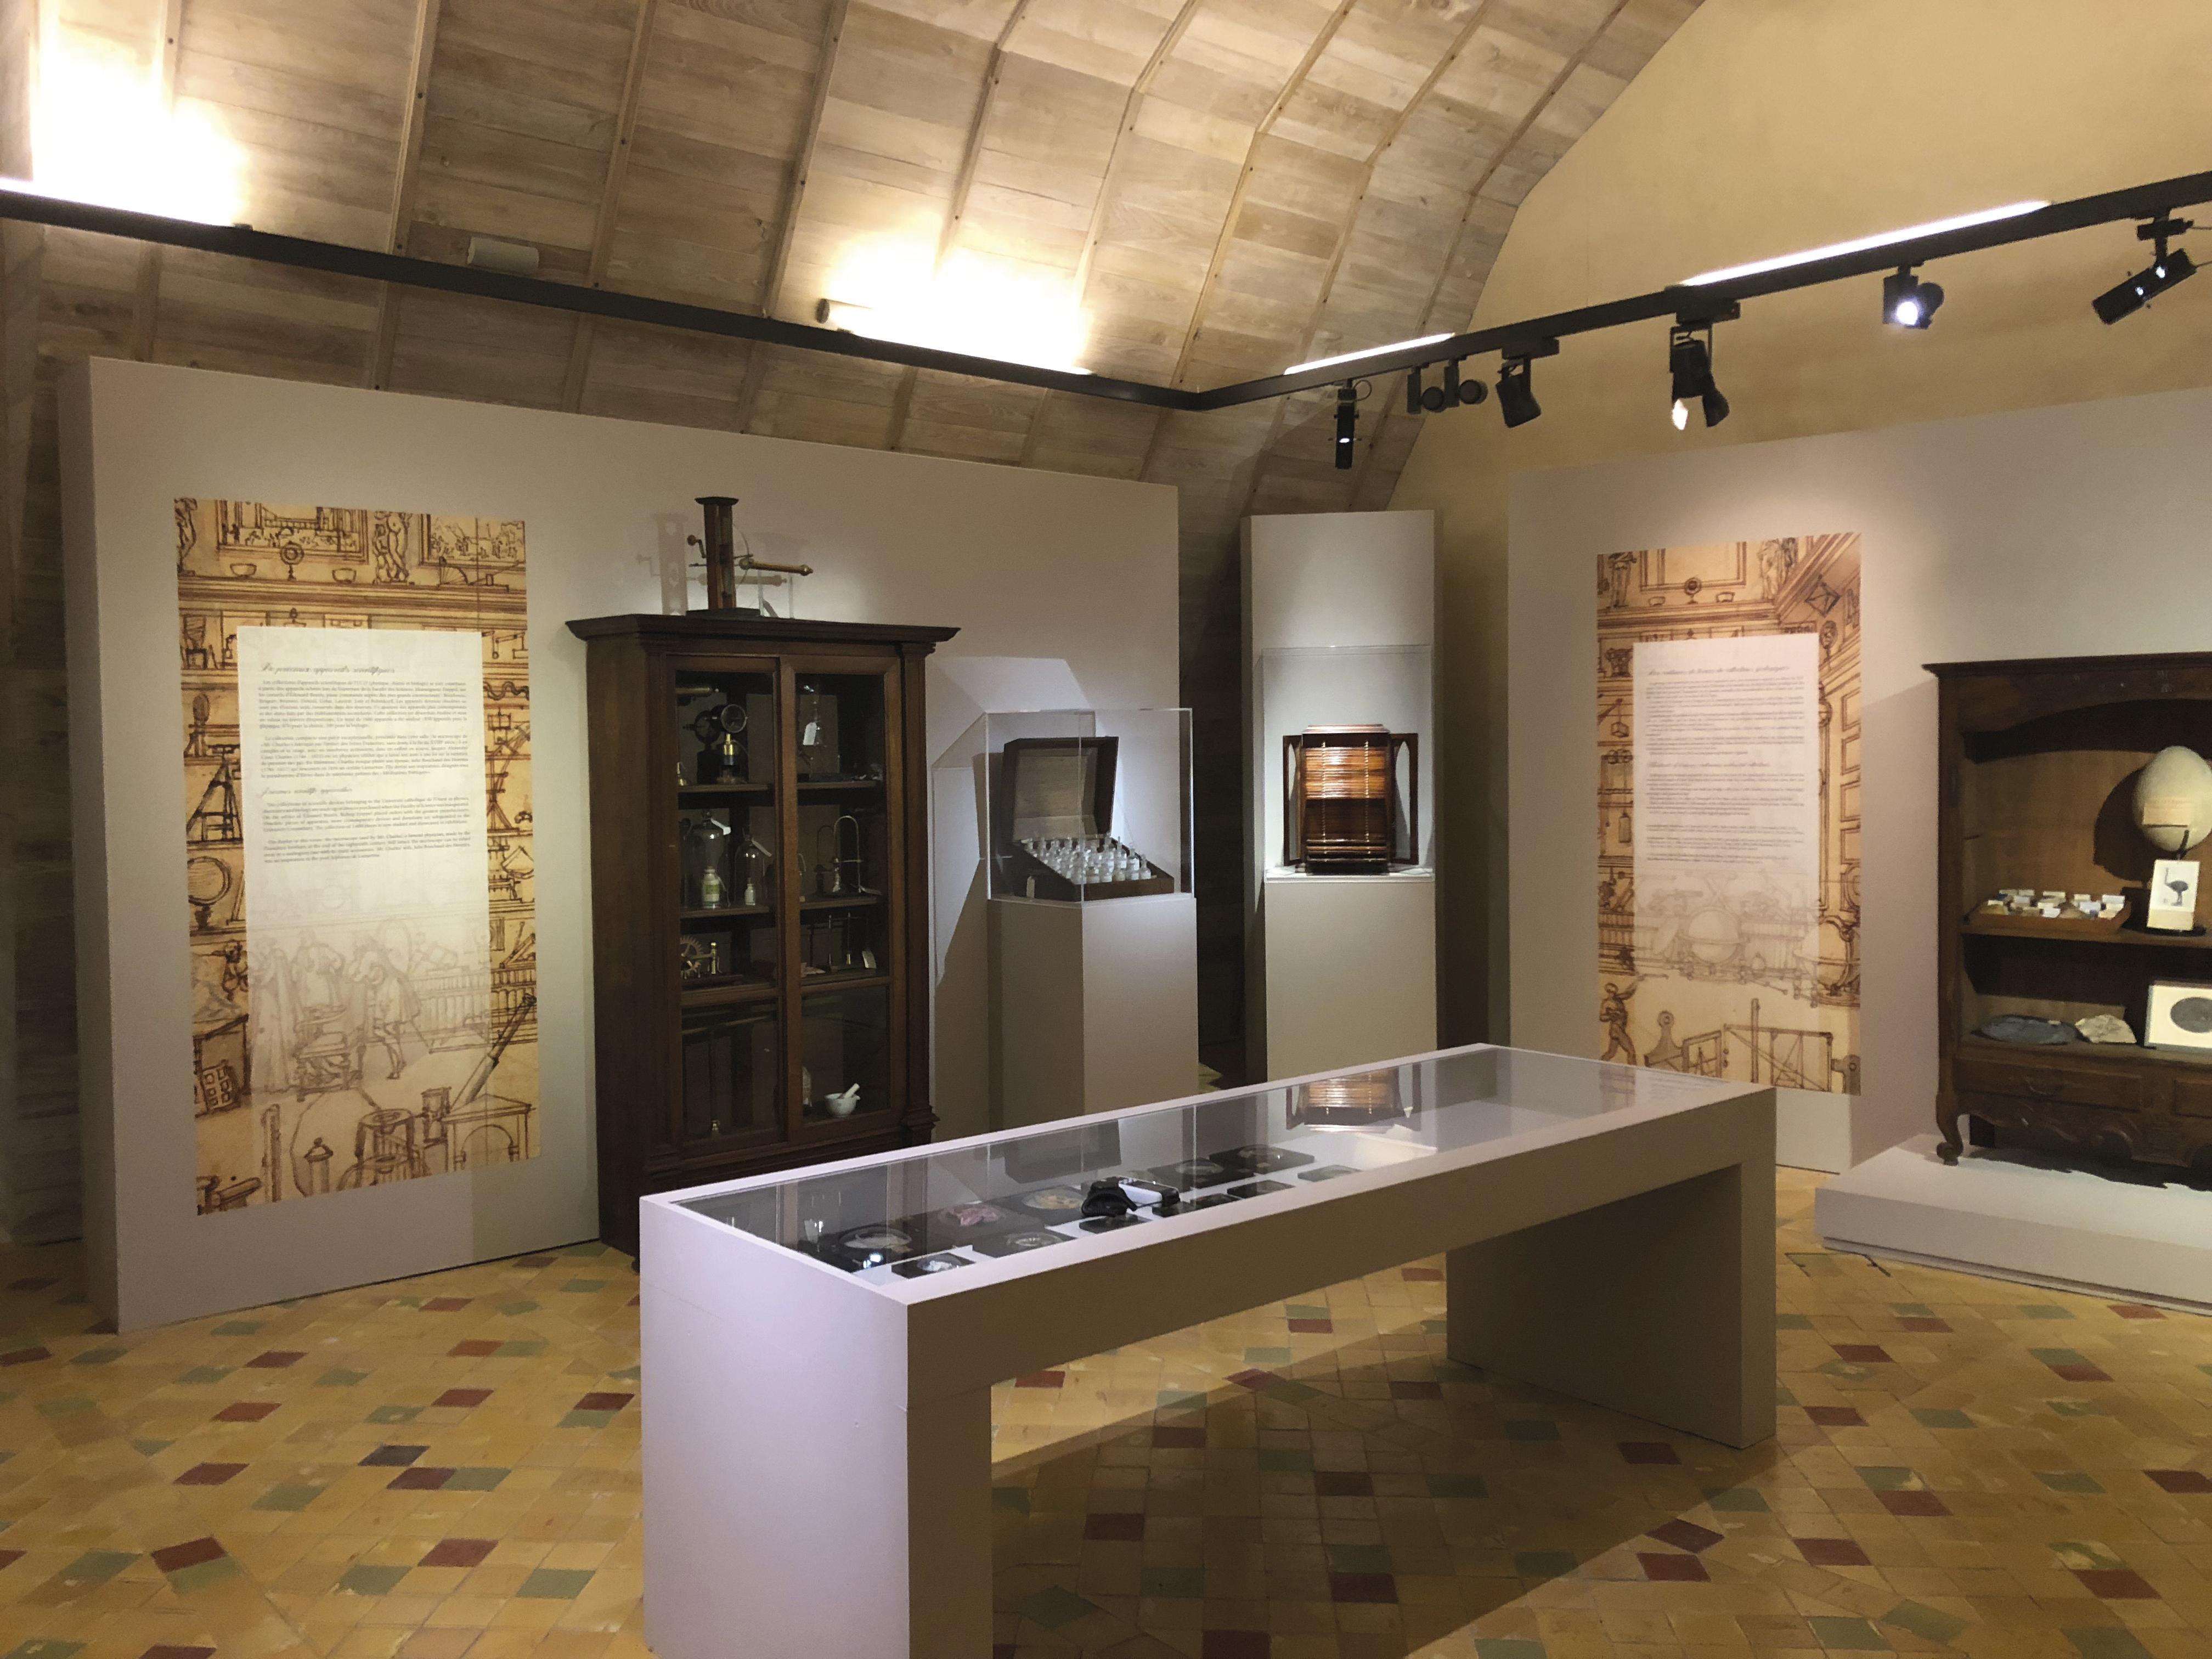 Salle d'exposition Les chambres des merveilles au Château d'angers